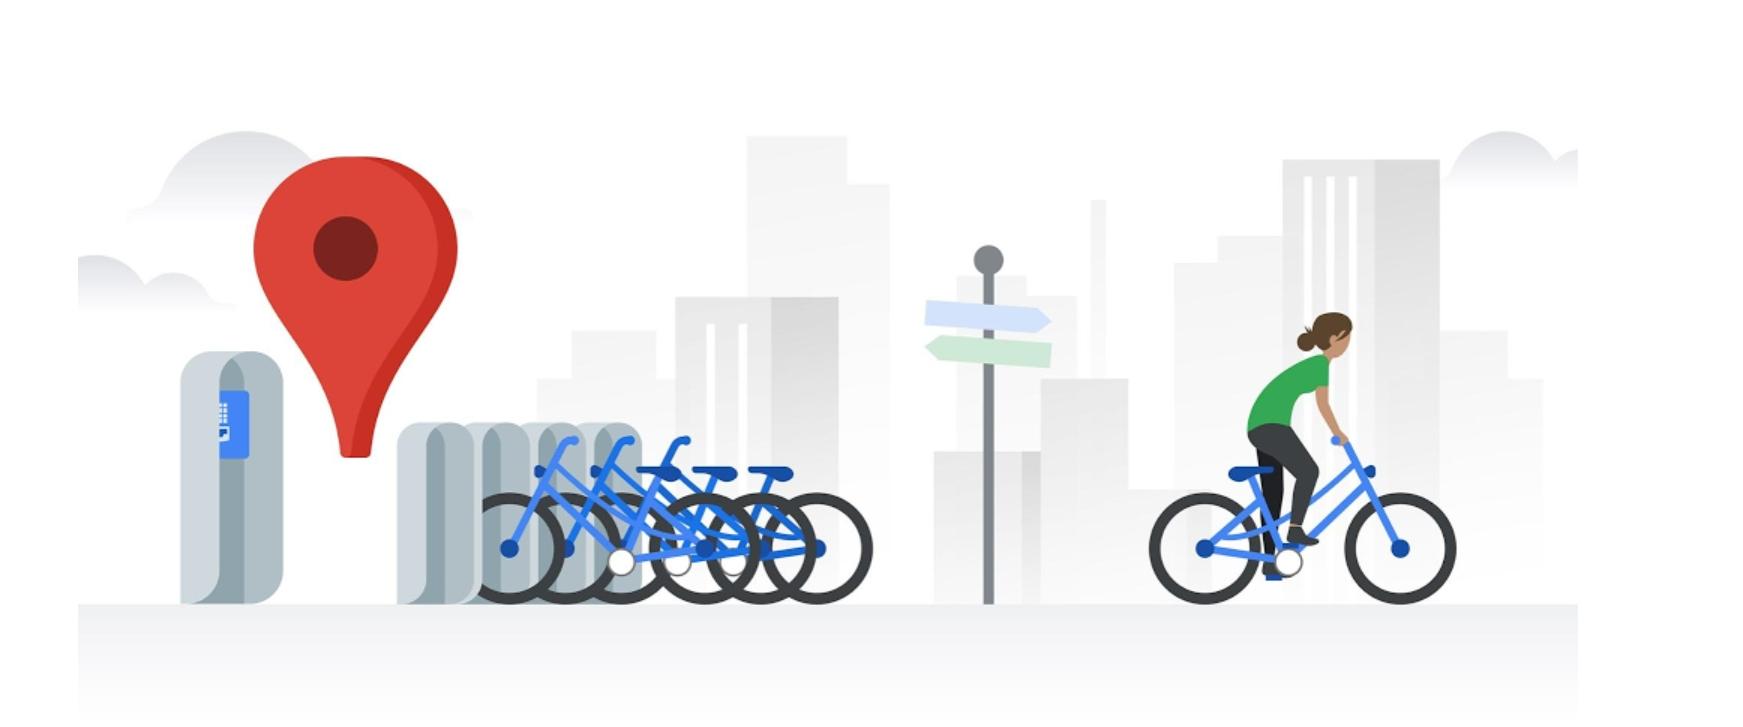 Google Mapy začínají integrovat data o službách na sdílení kol